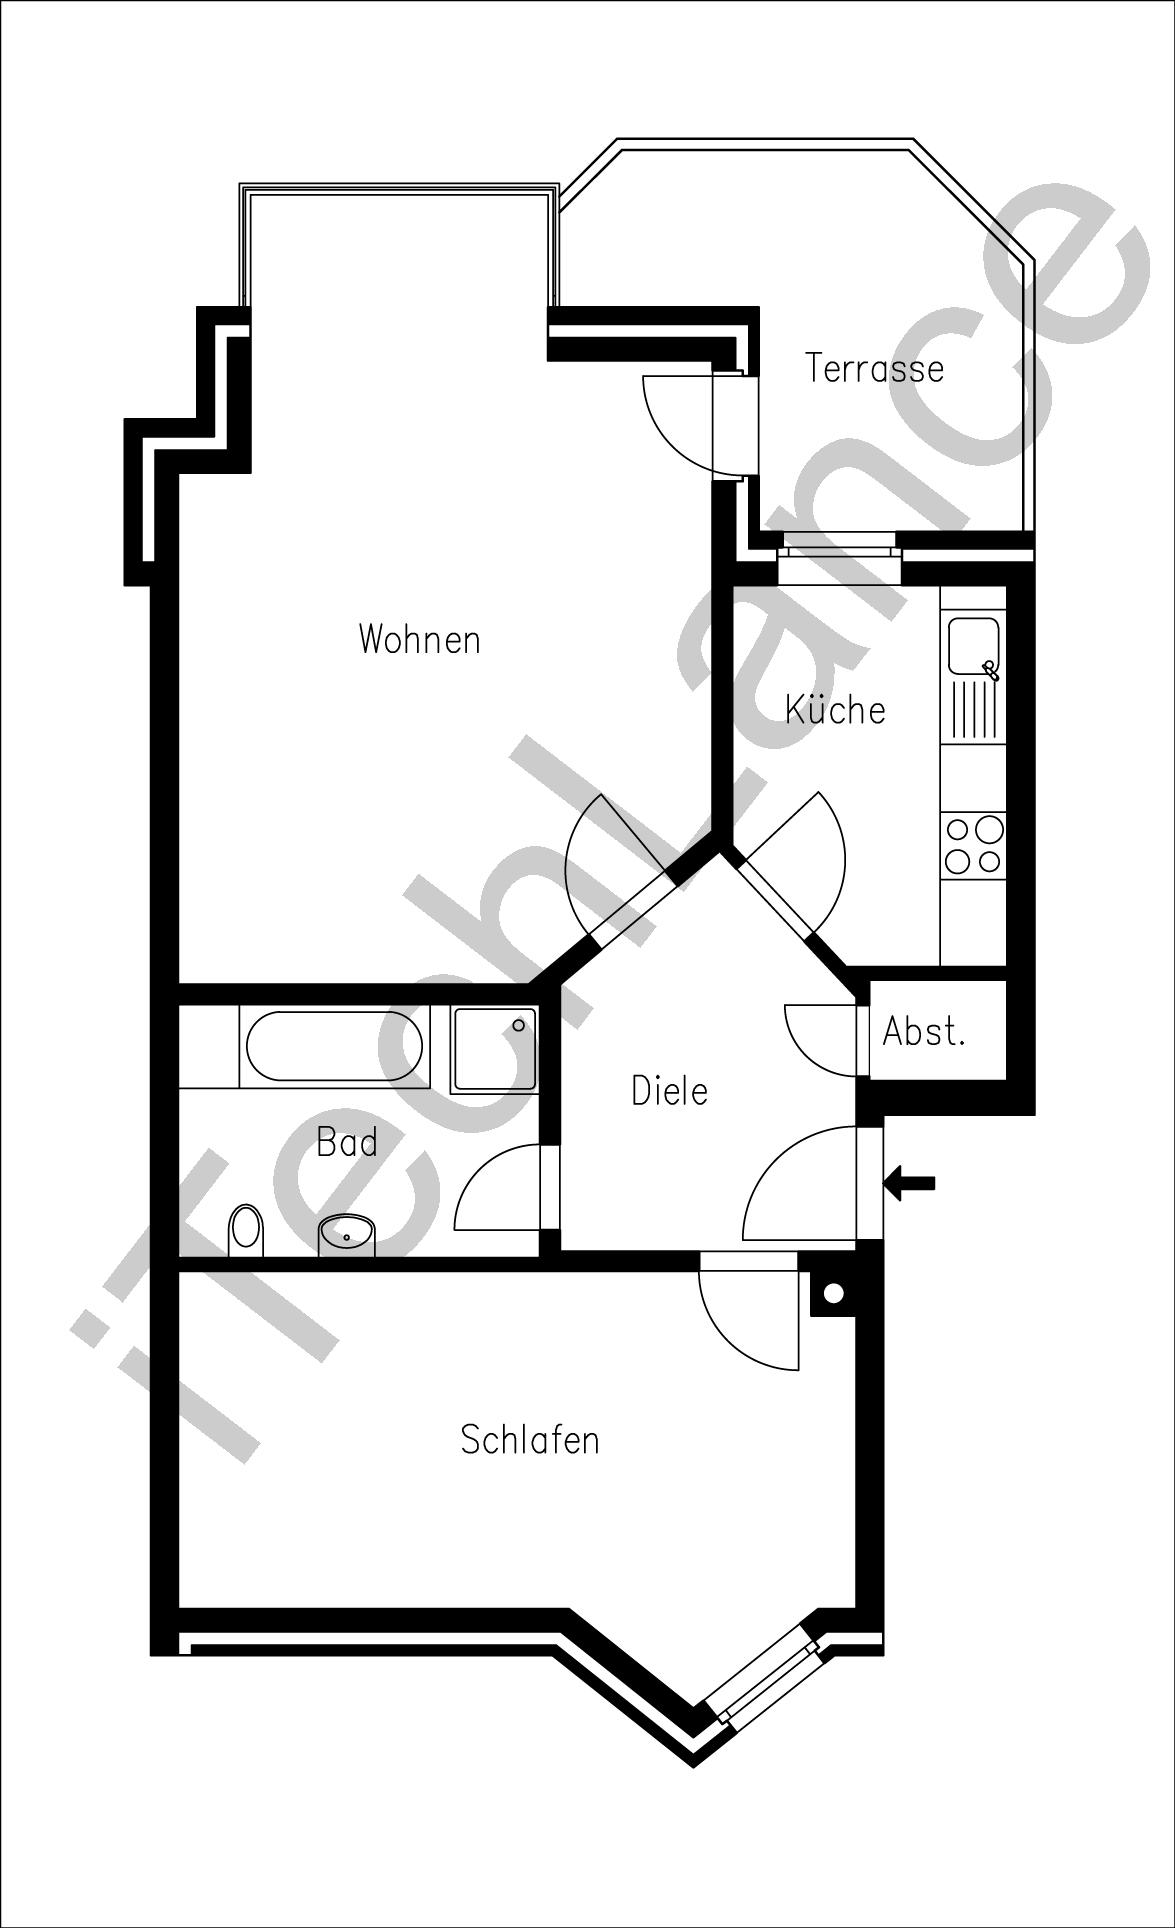 Ziemlich Dracut Küche Und Bad Galerie - Küchenschrank Ideen ...